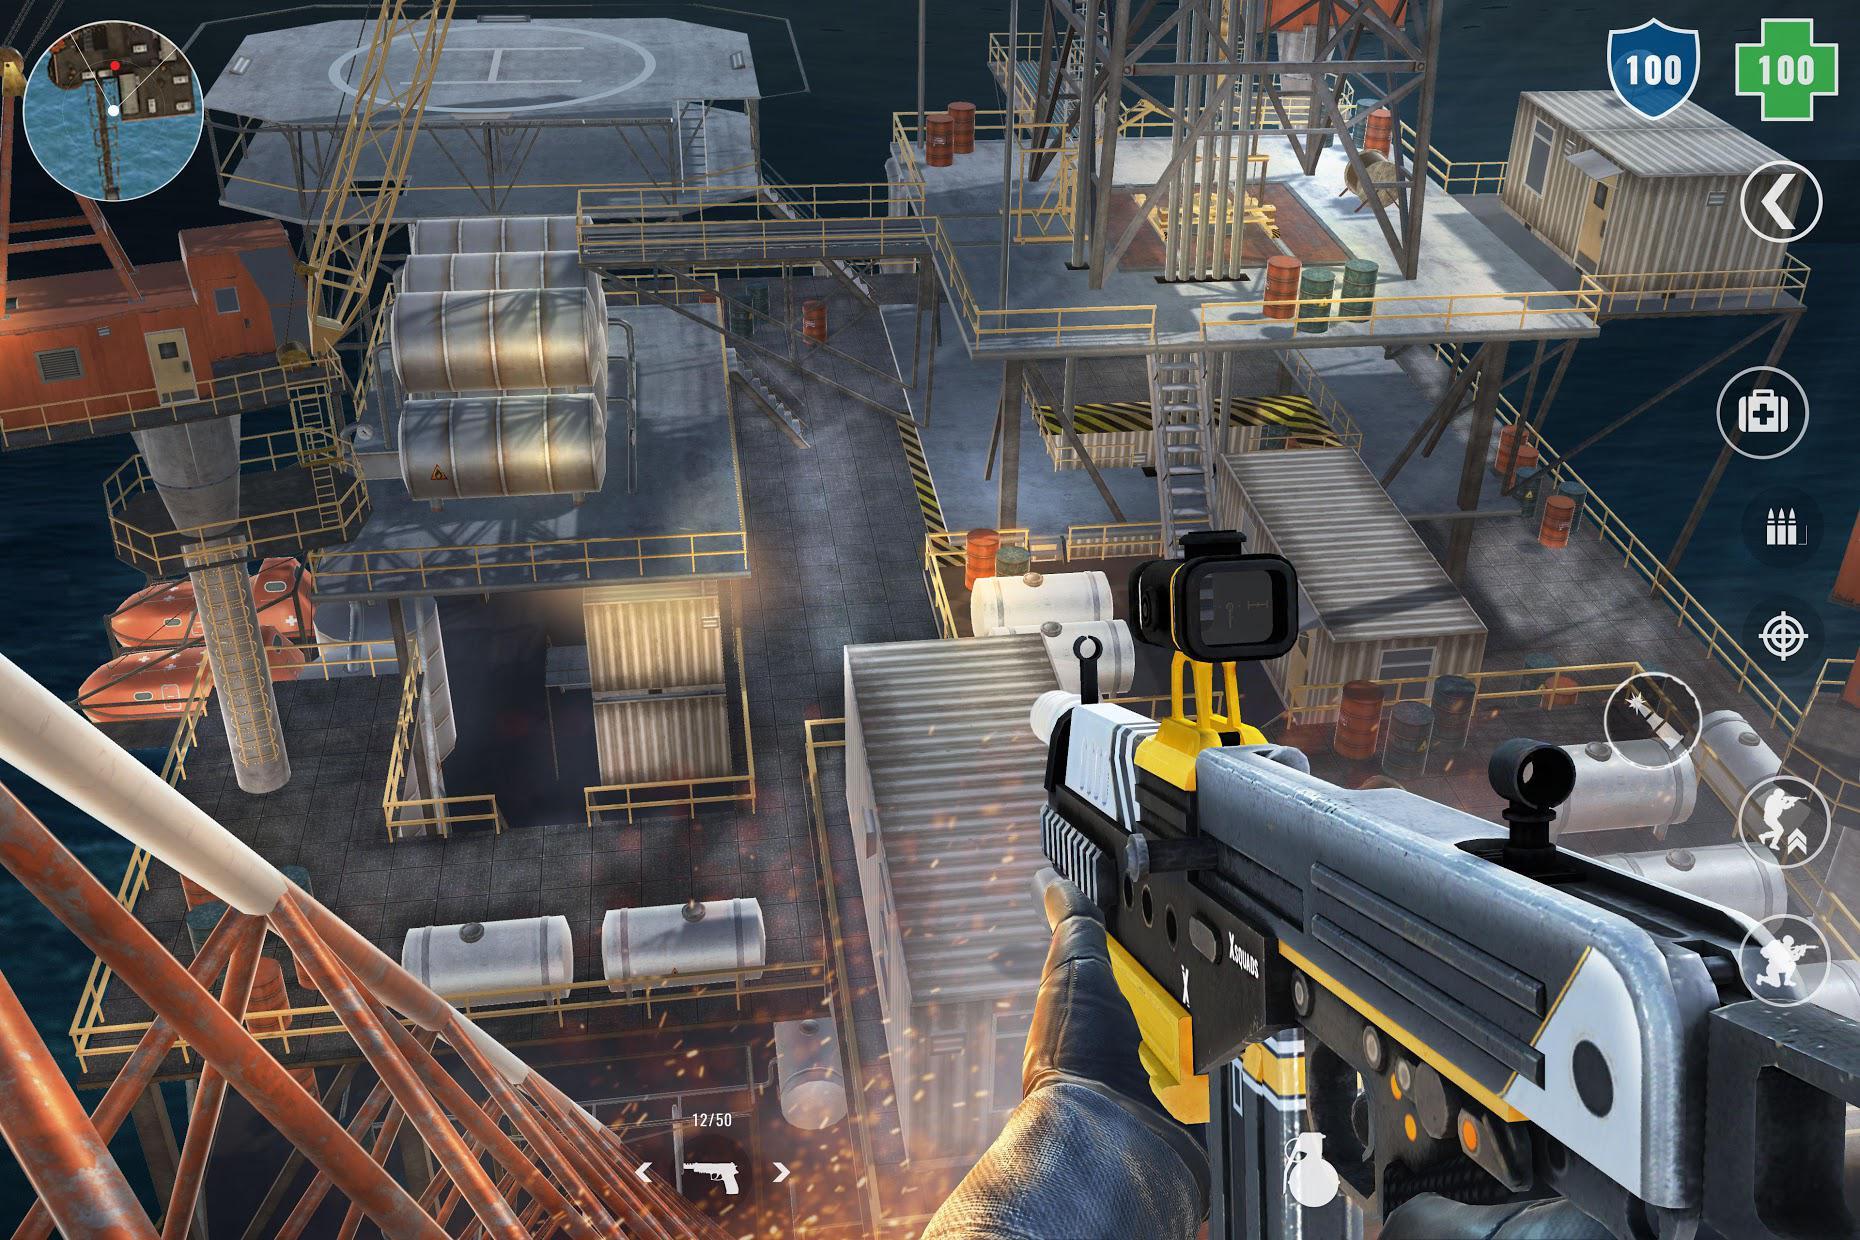 迷宫民兵:局域网,在线多人射击游戏黑屏怎么办